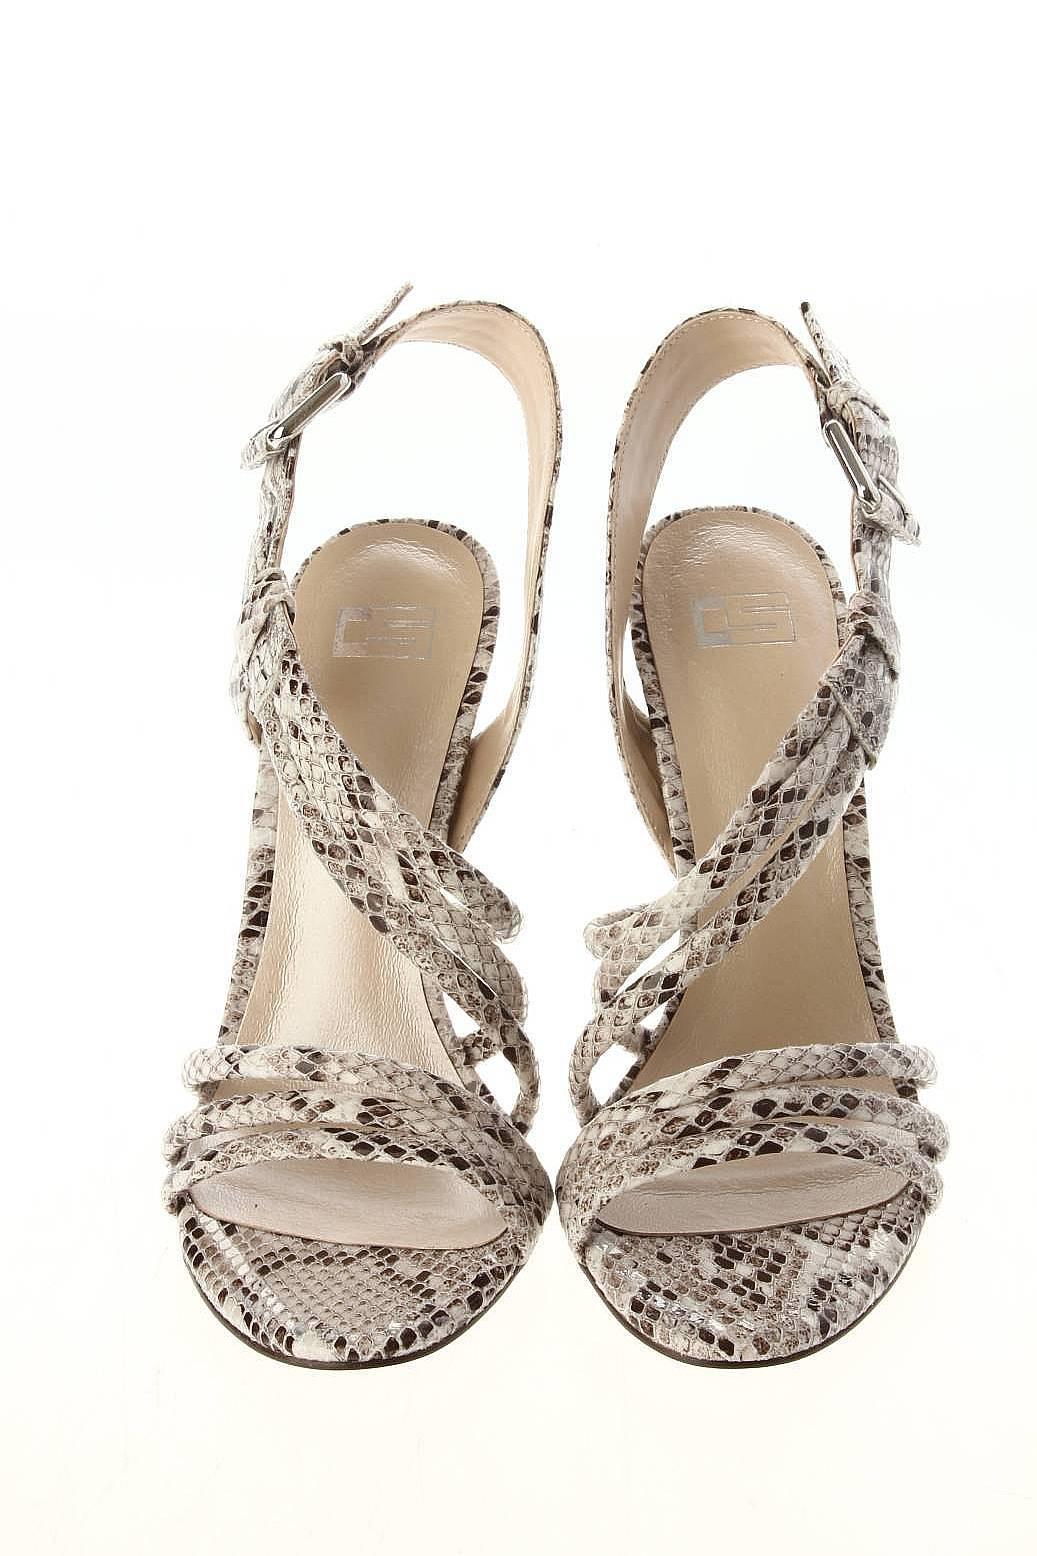 Мужская Обувь Детская Обувь Женская Обувь Туфли Открытые: CS Обувь